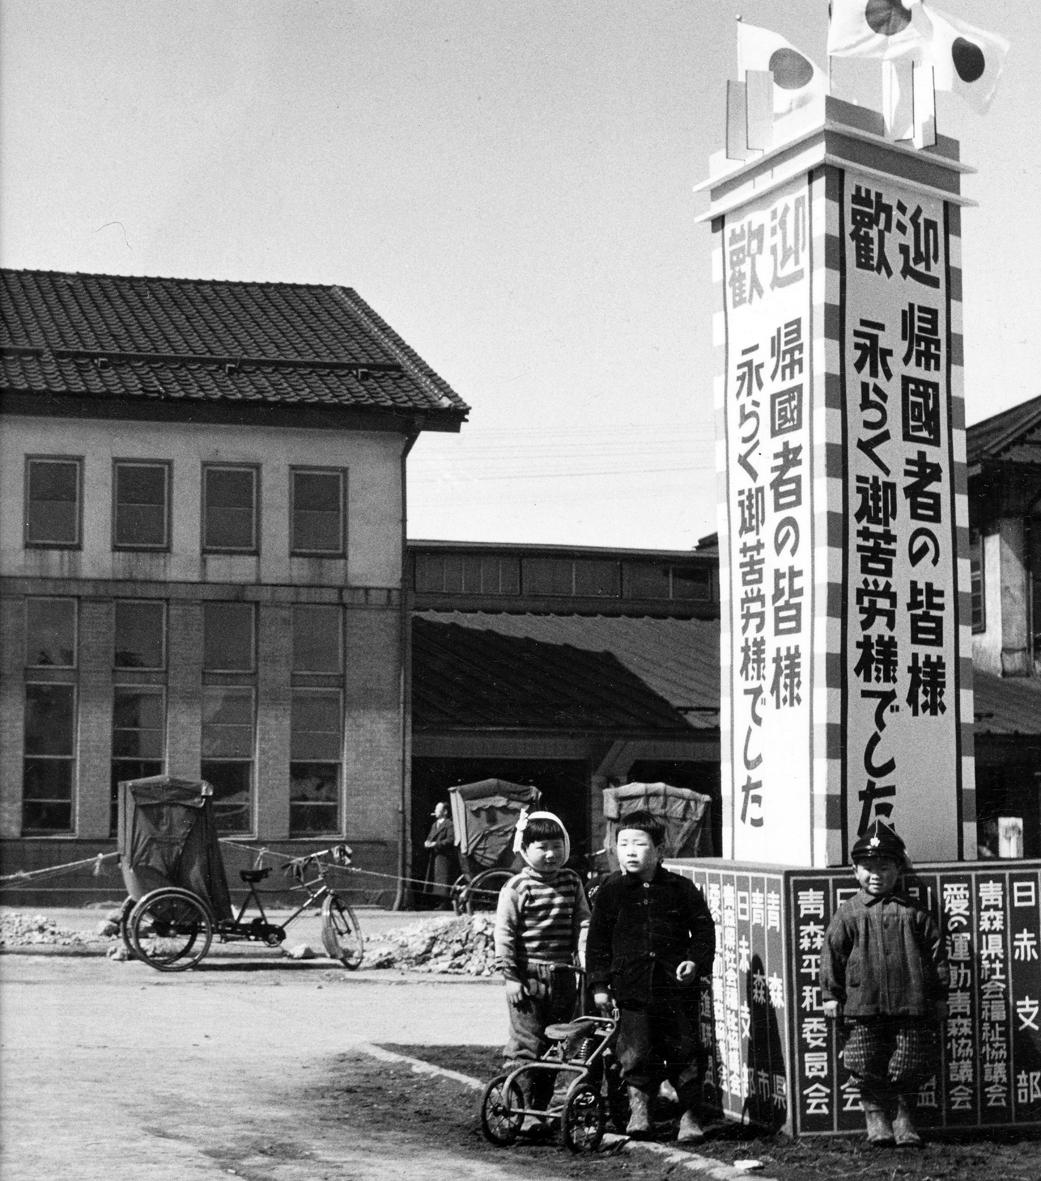 旧青森駅前の様子=昭和28年9月(平井克彦氏提供)